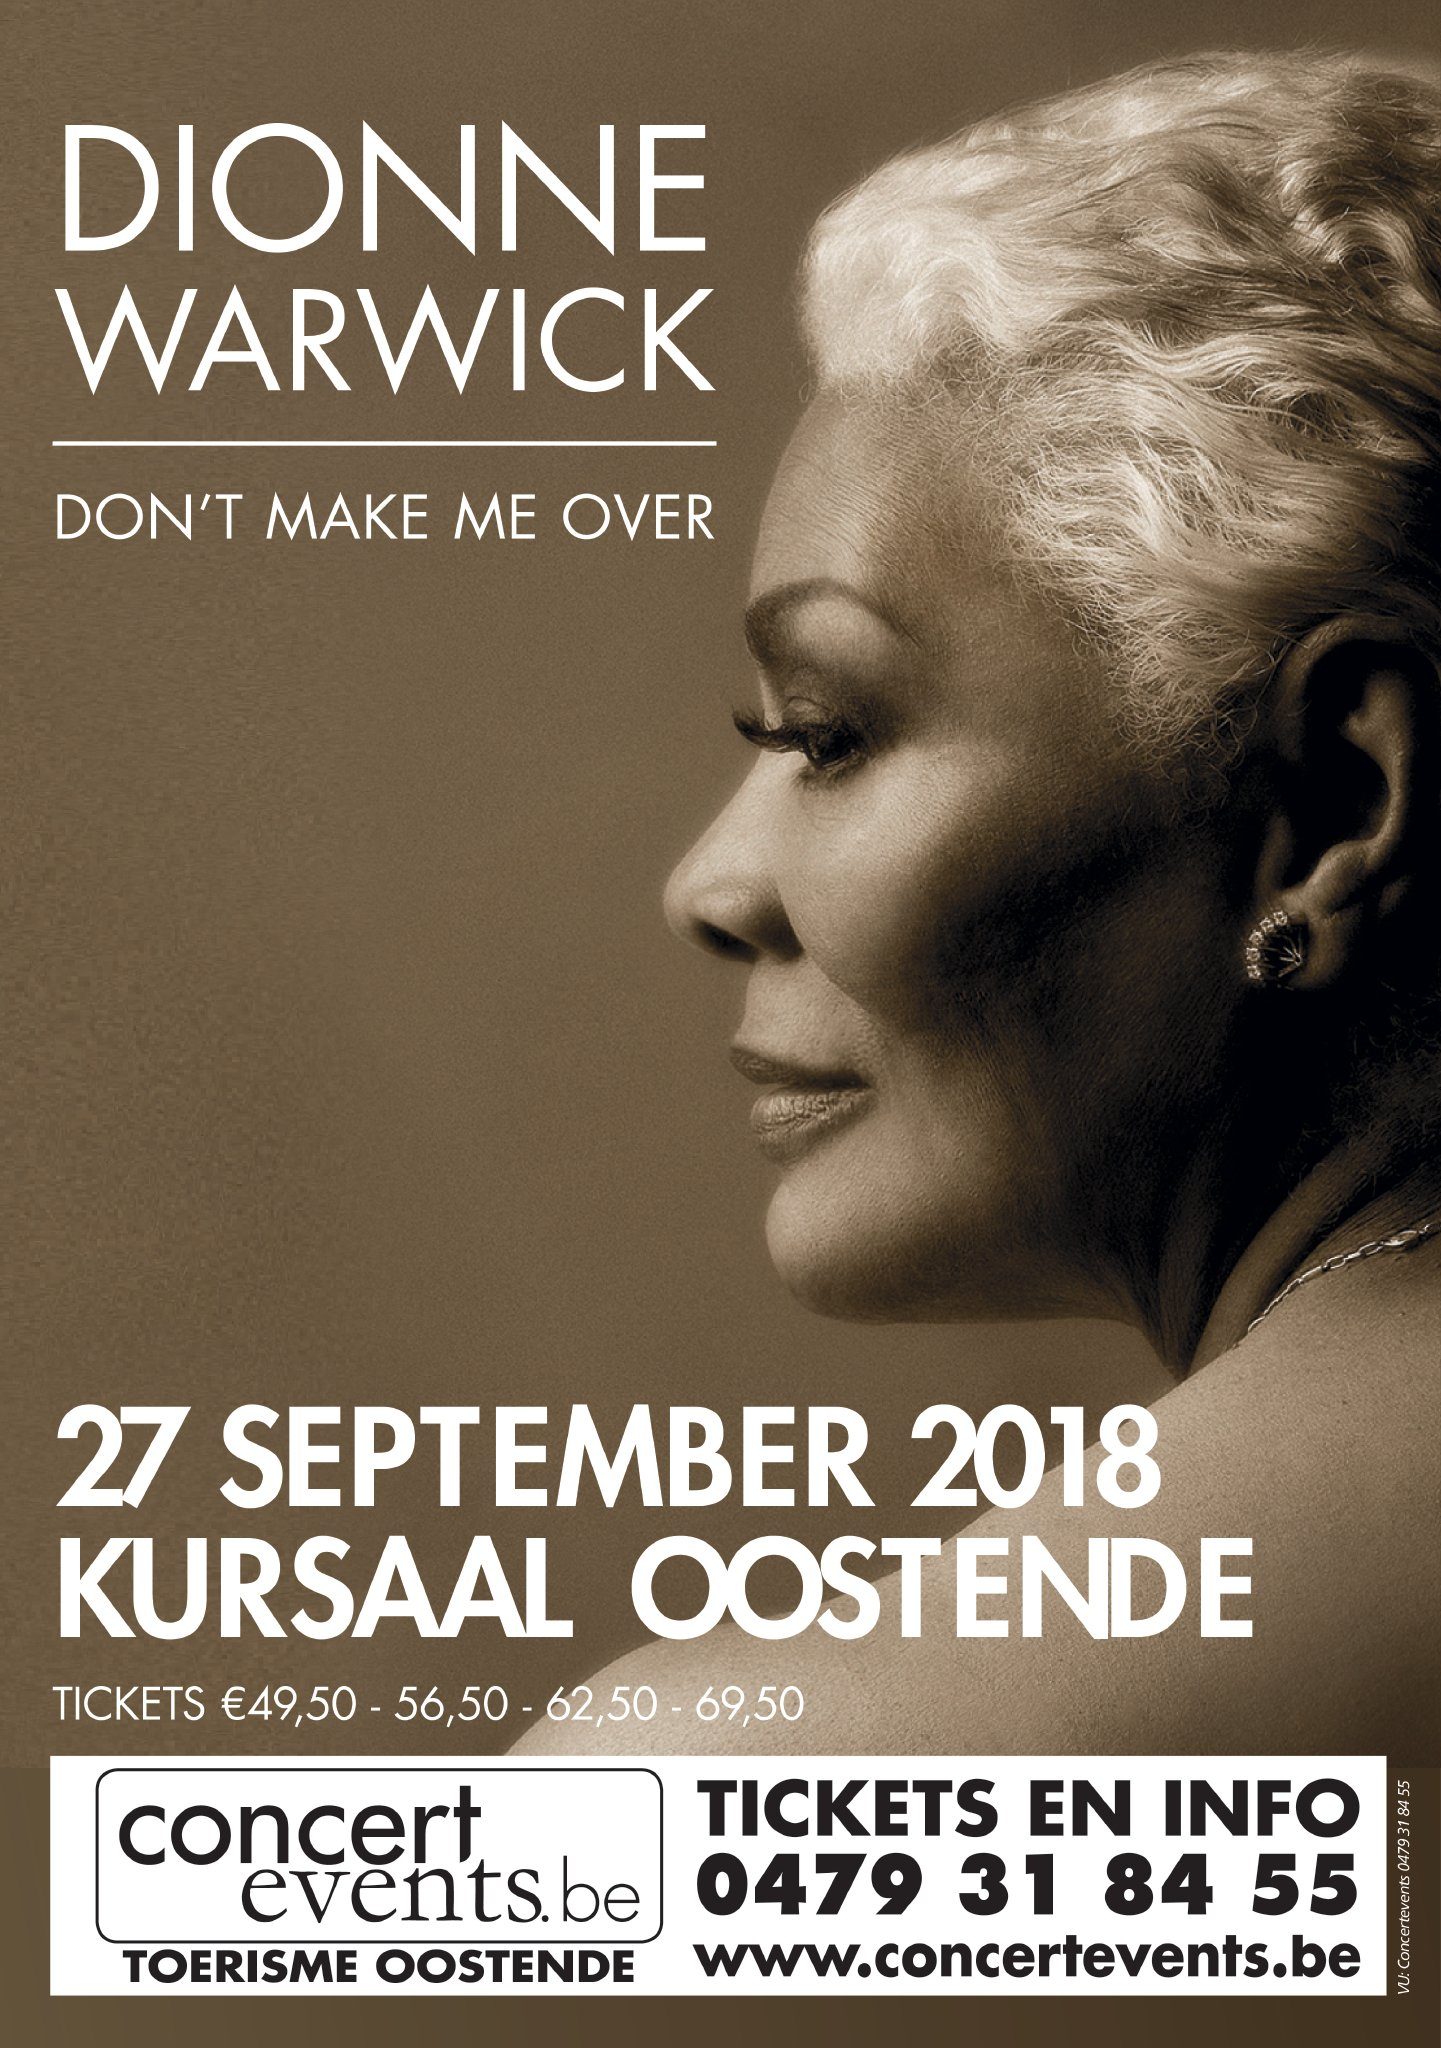 Soullegende Dionne Warwick komt 27 september 2018 naar Kursaal Oostende. - Affiche DionneWarwick Oostende preview